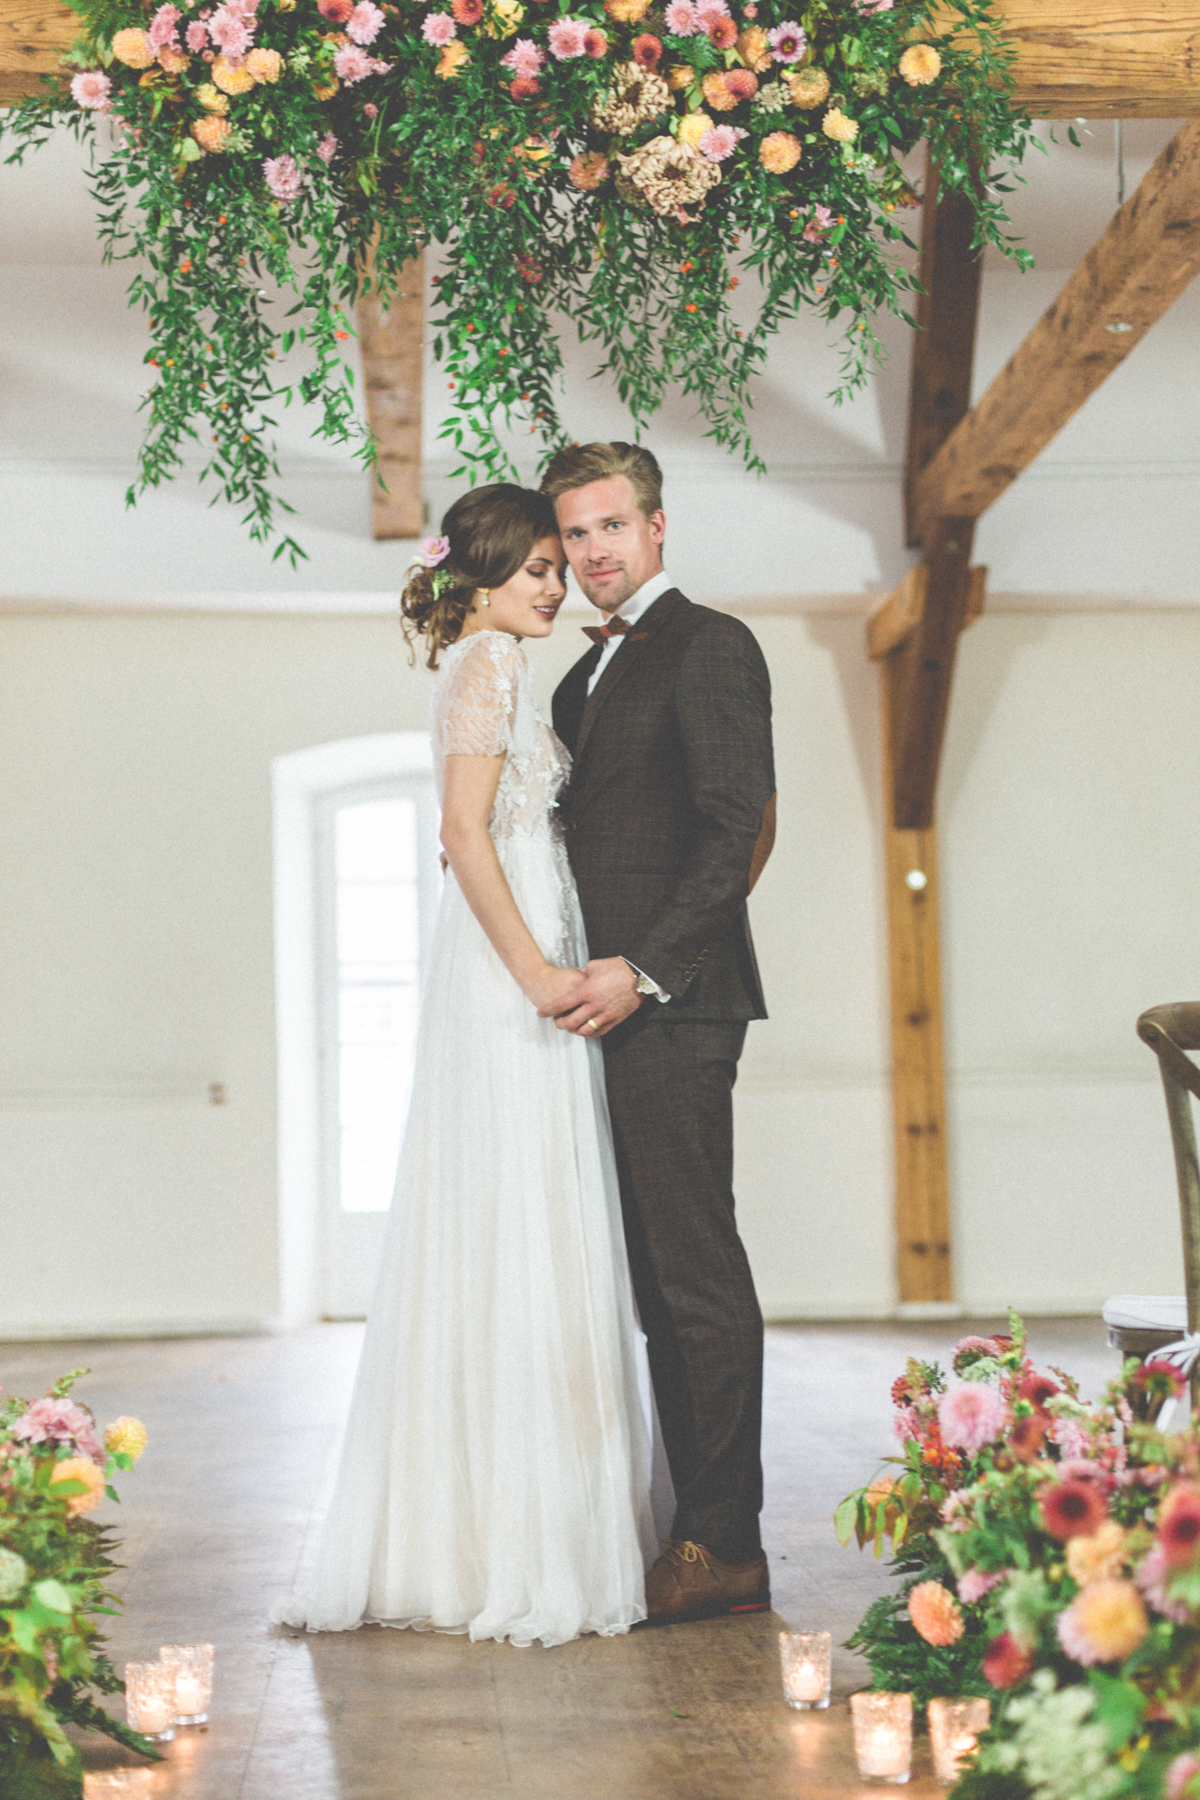 Herbsthochzeit auf dem Land | Hochzeitsblog The Little Wedding Corner